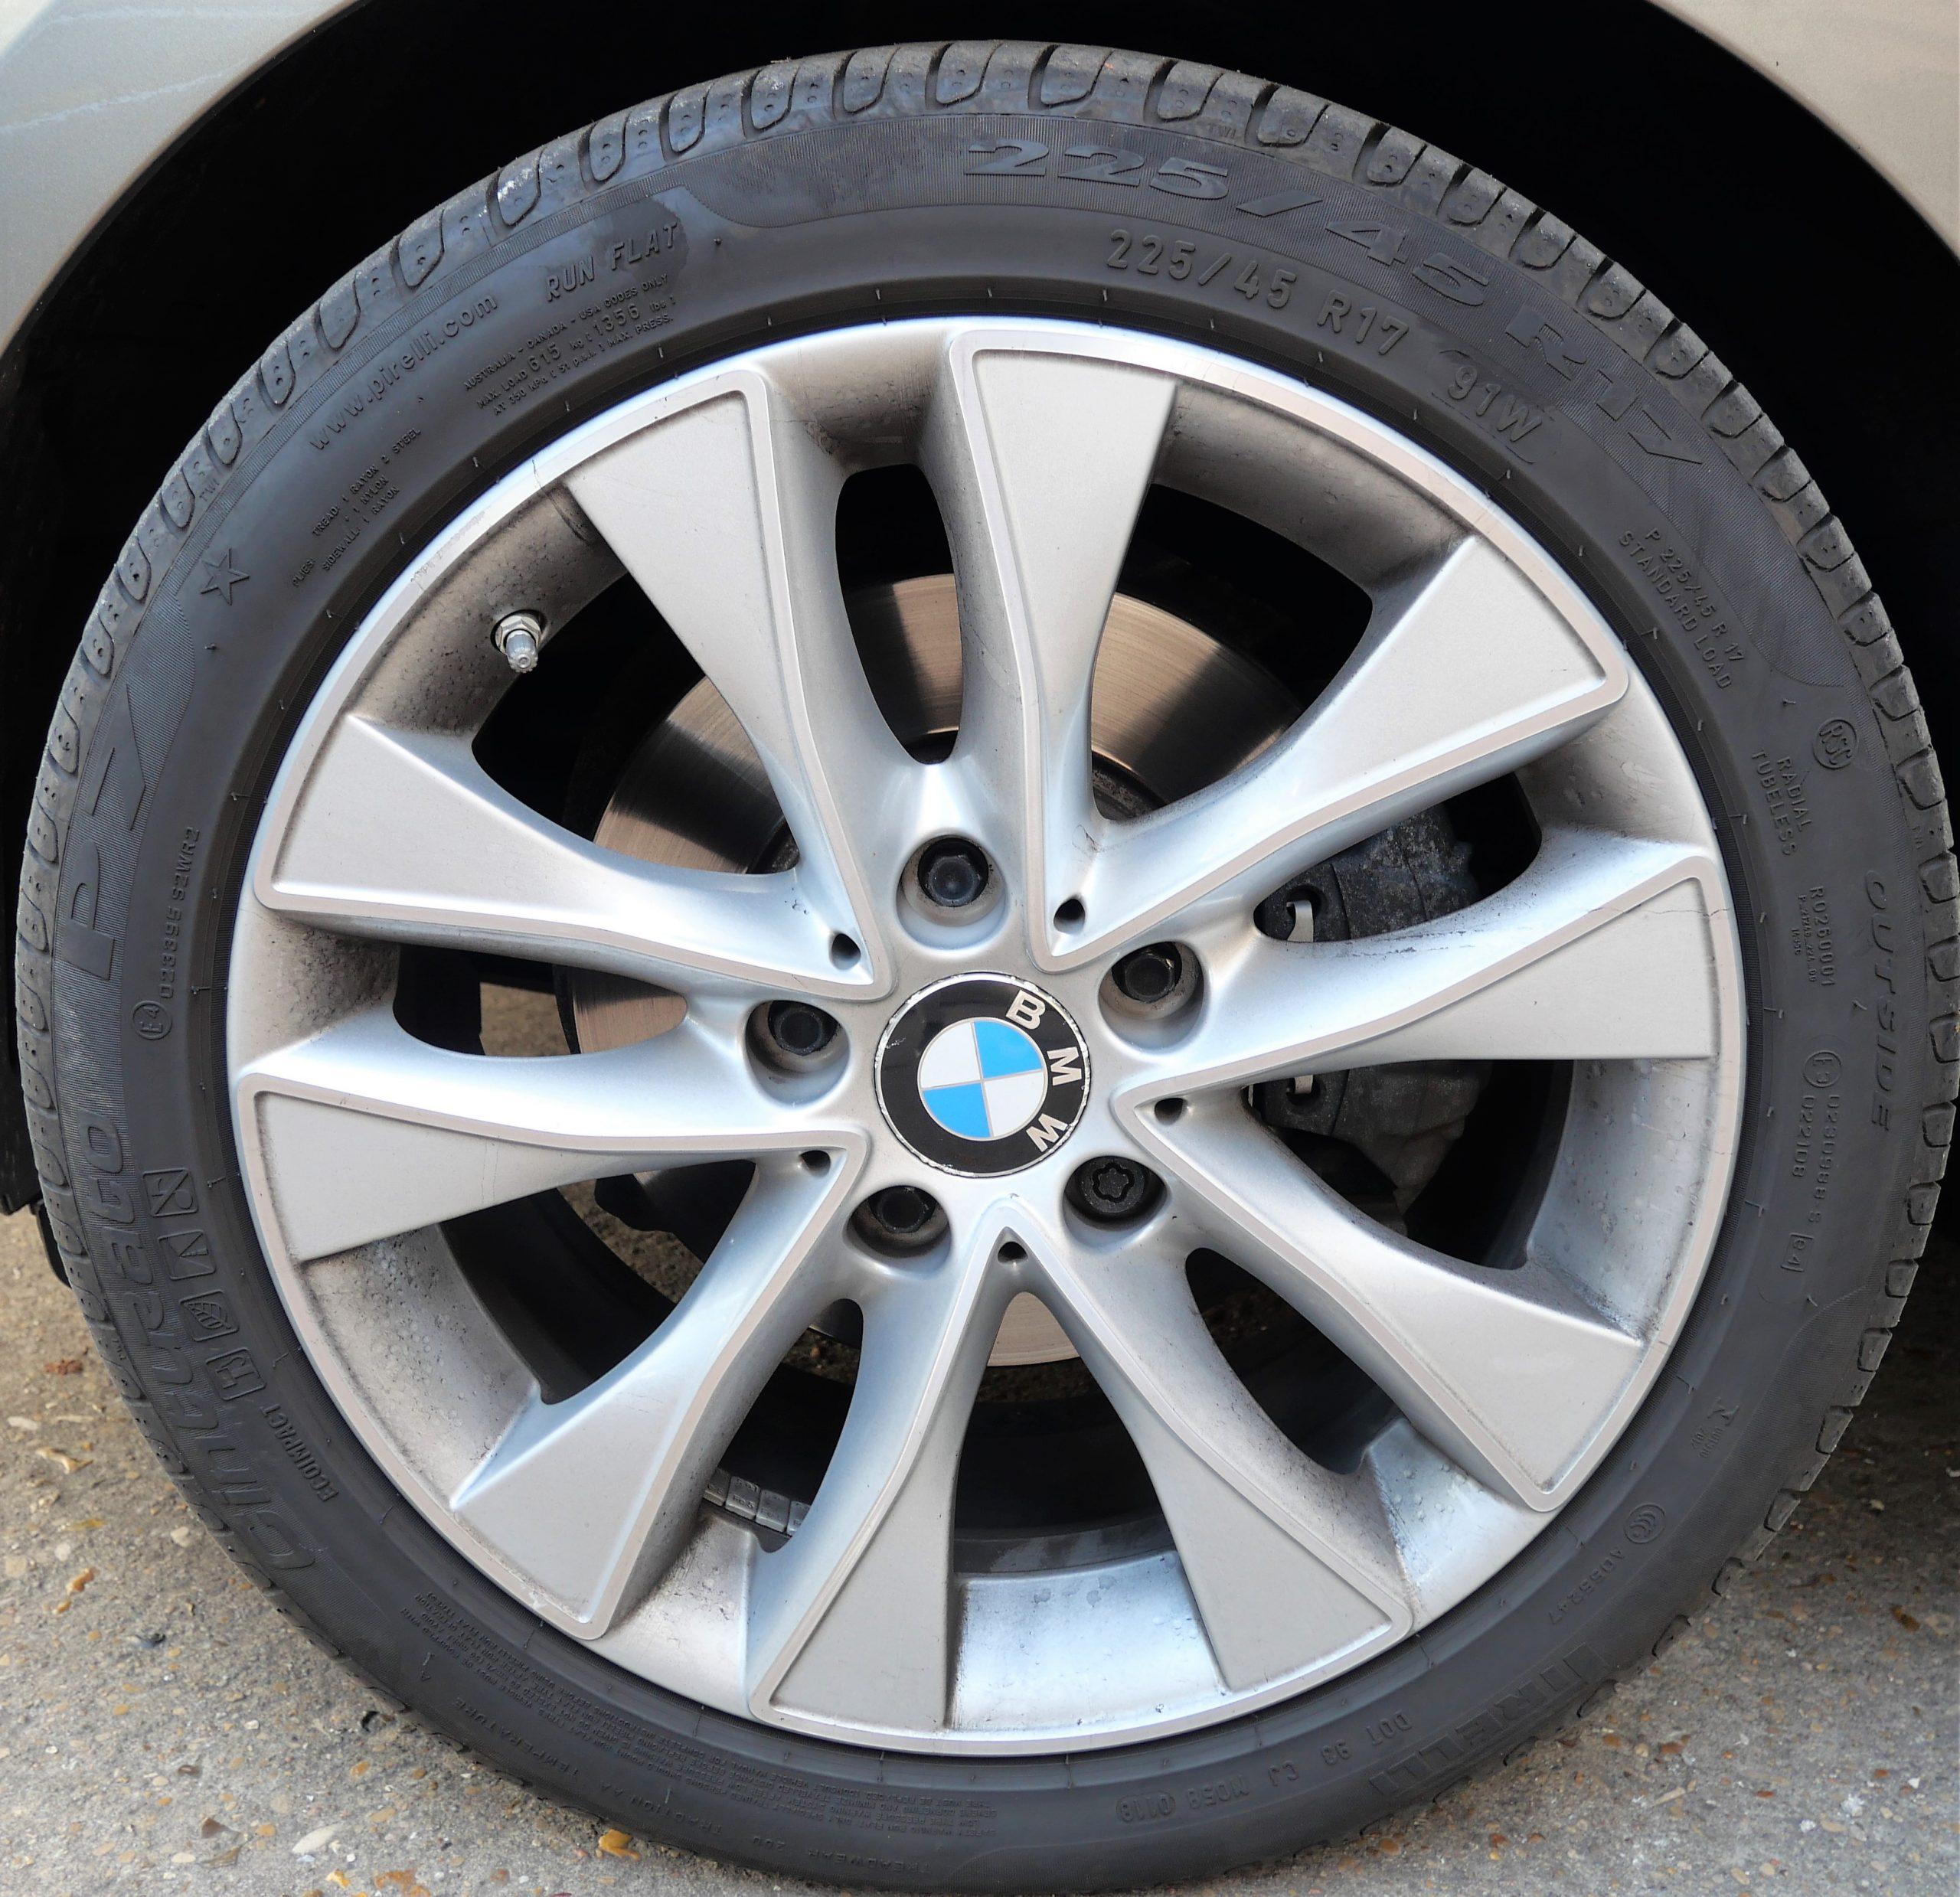 BMW Série 1 (F20) XDrive LCI 120d 2.0 d 190ch 18